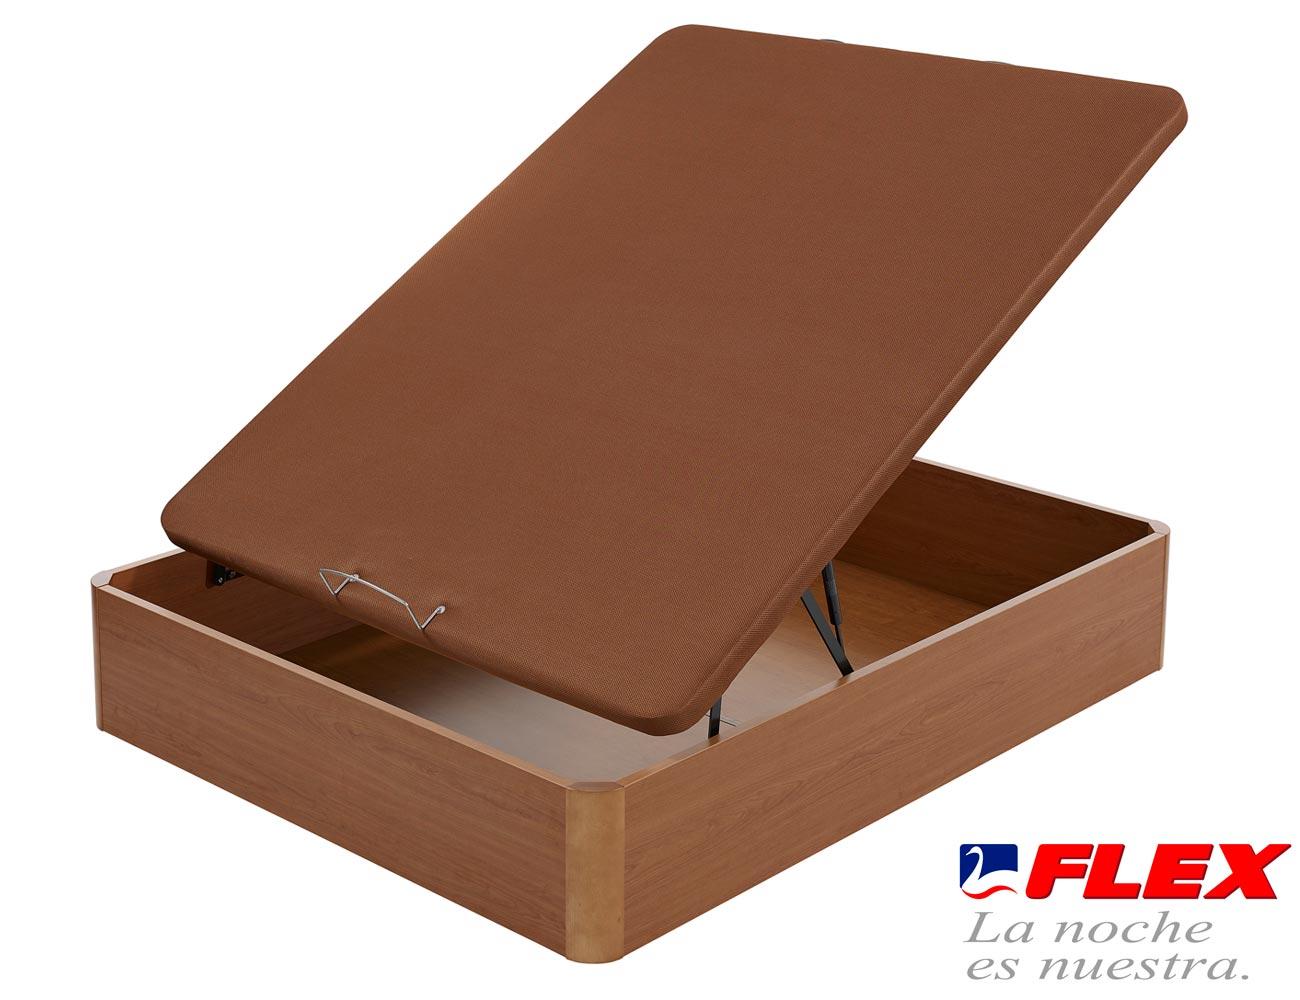 Canape flex madera abatible tapa3d 832